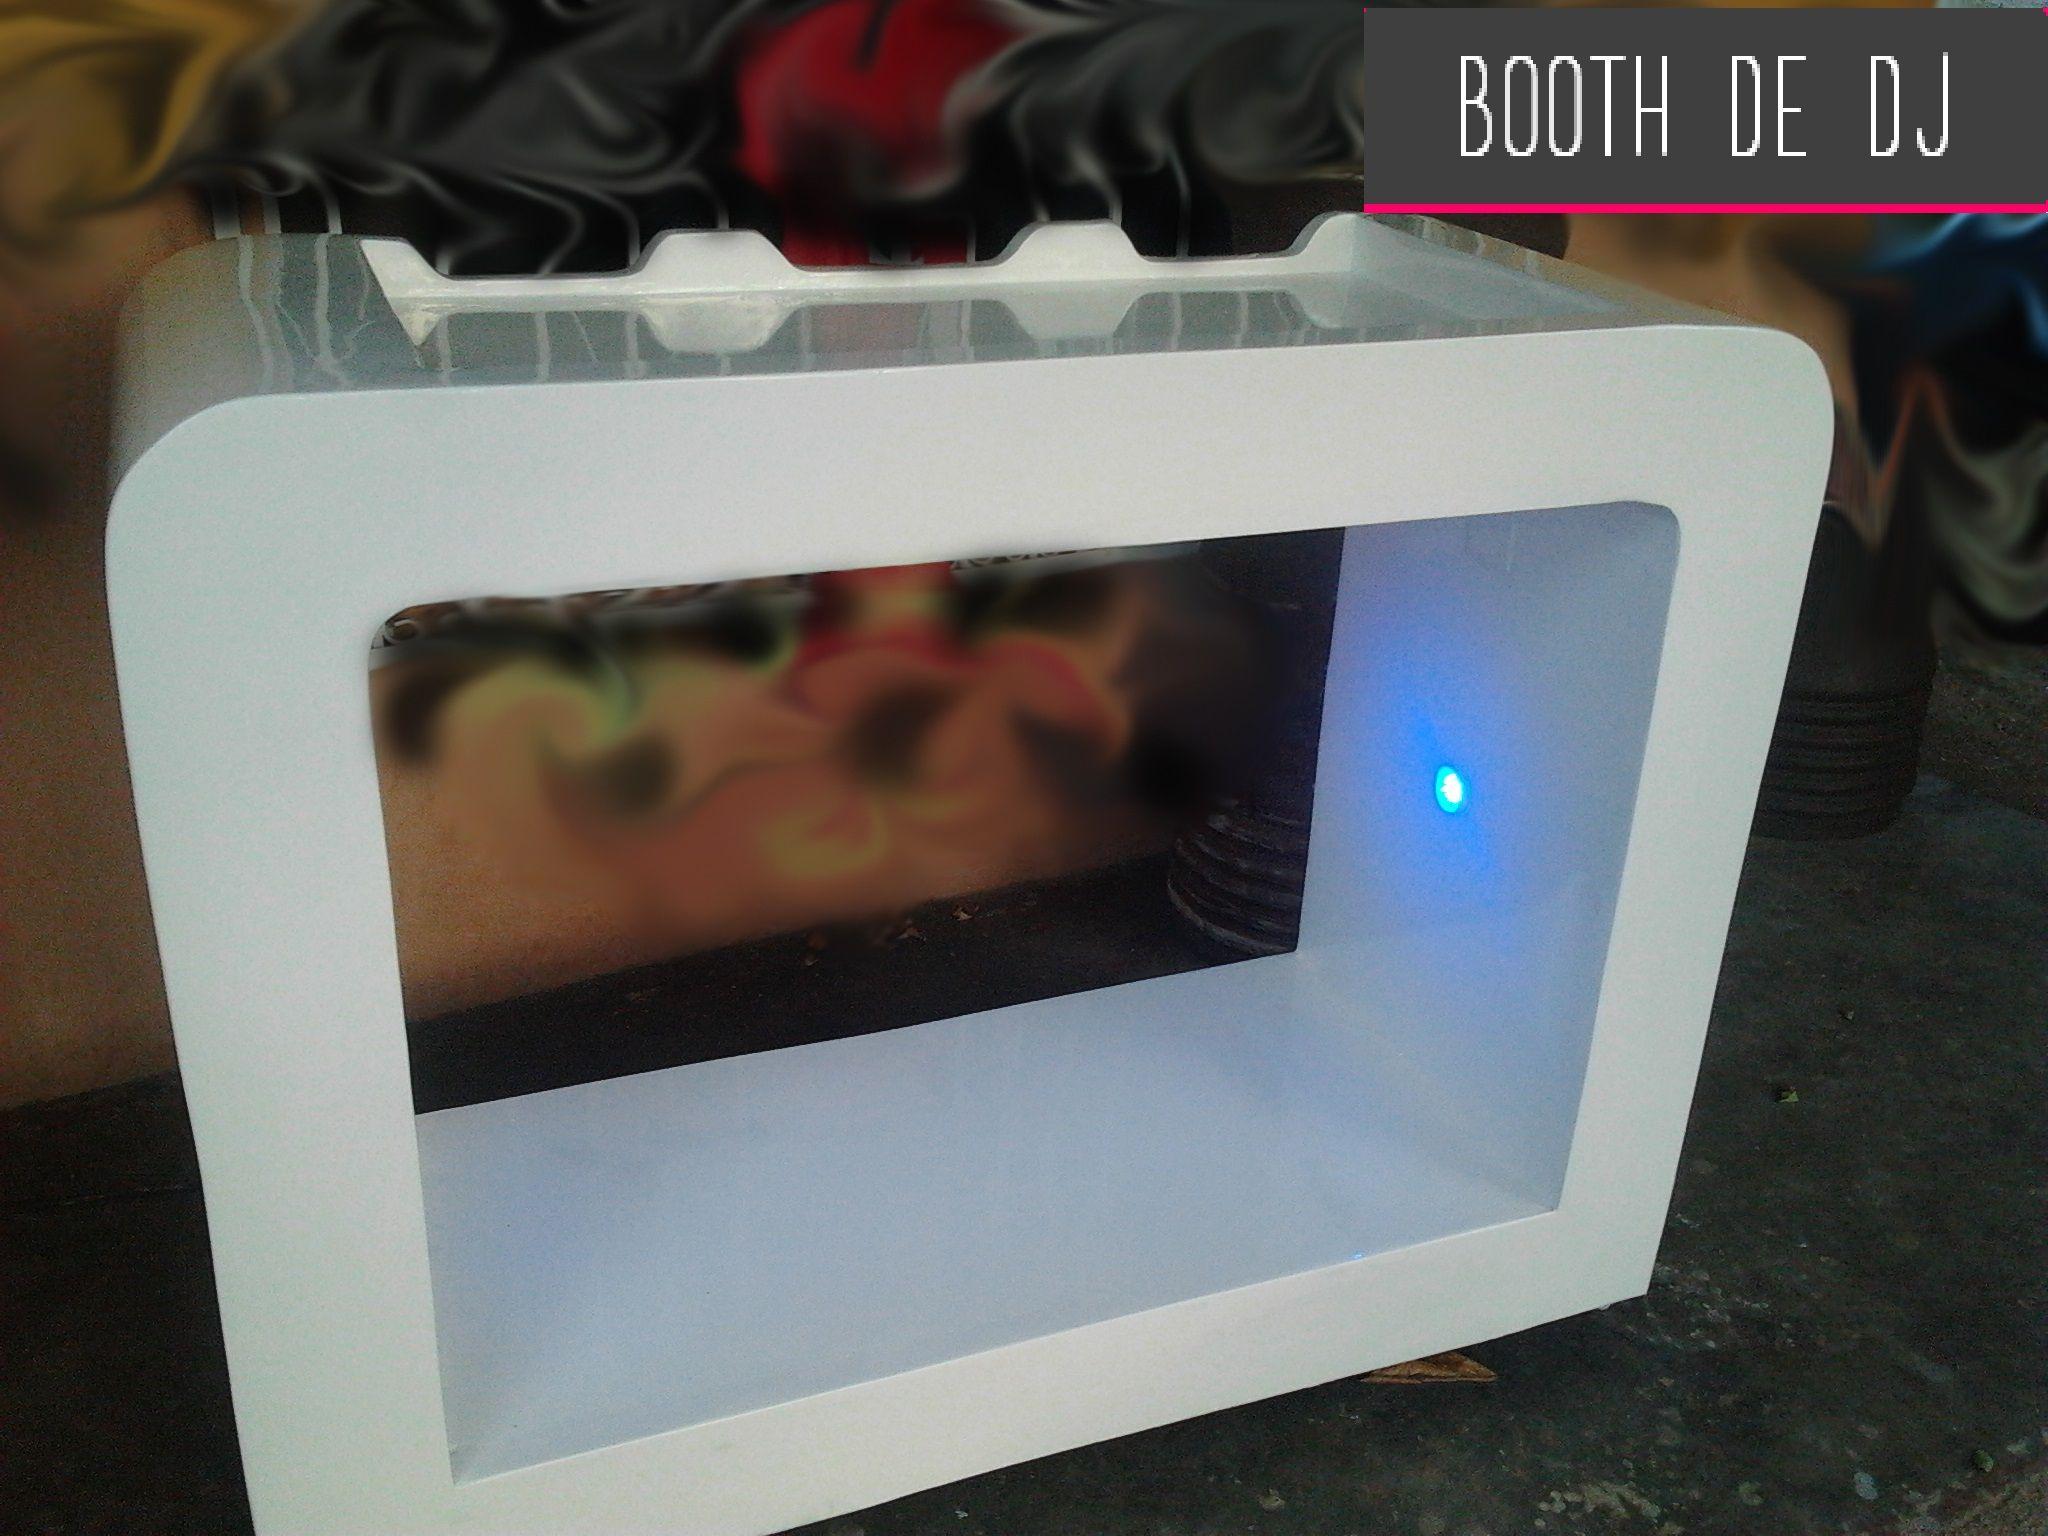 Booth de DJ en fibra de vidrio de exterior. Fiviclass